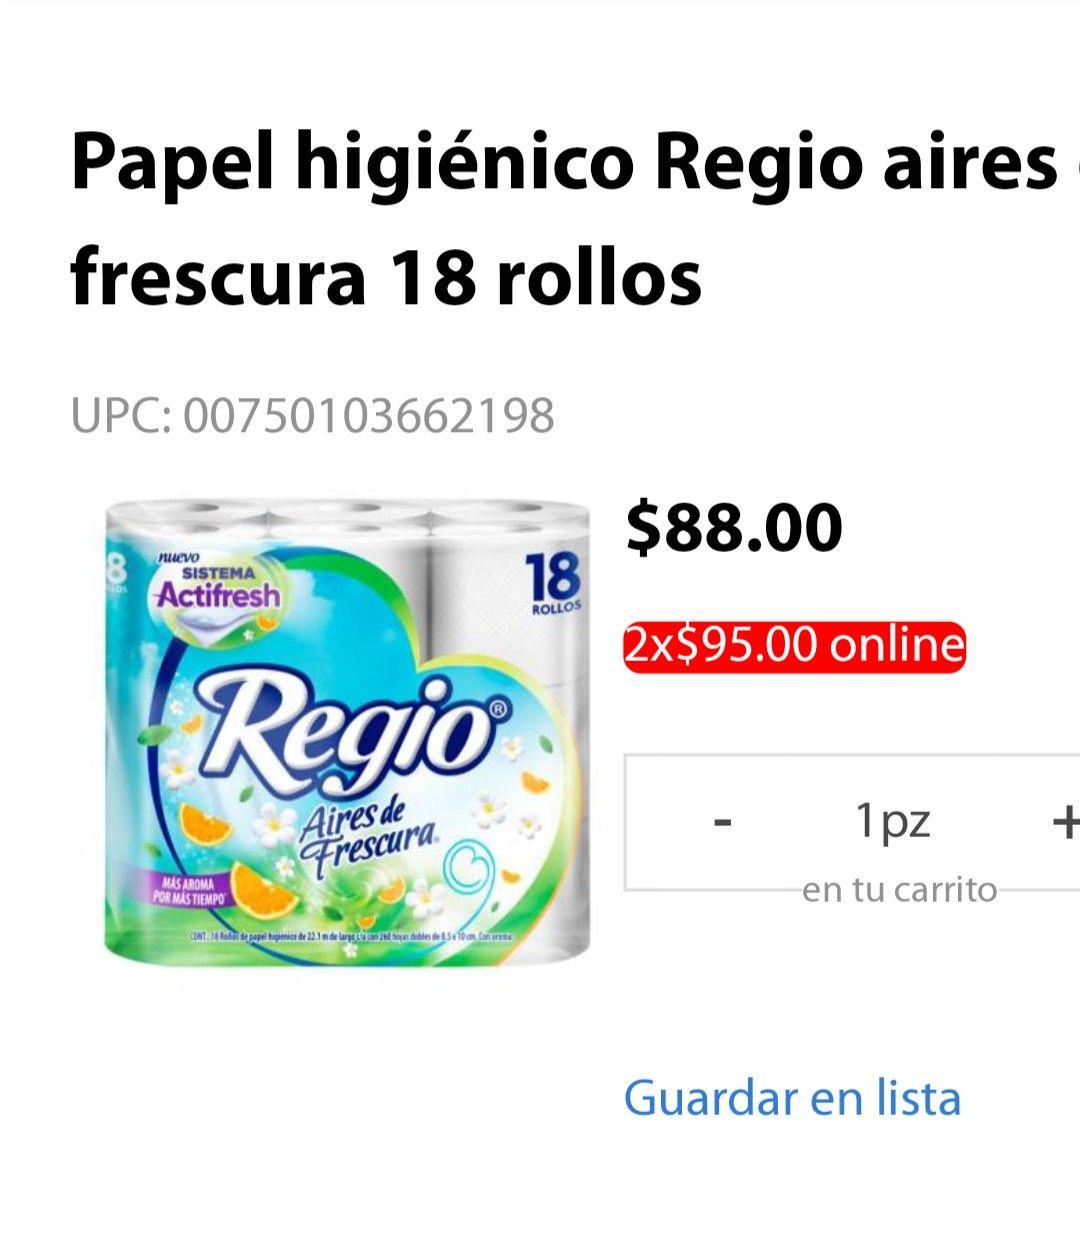 Walmart Súper: Papel higiénico regio aires de frescura. 18 rollos. 2 x 95